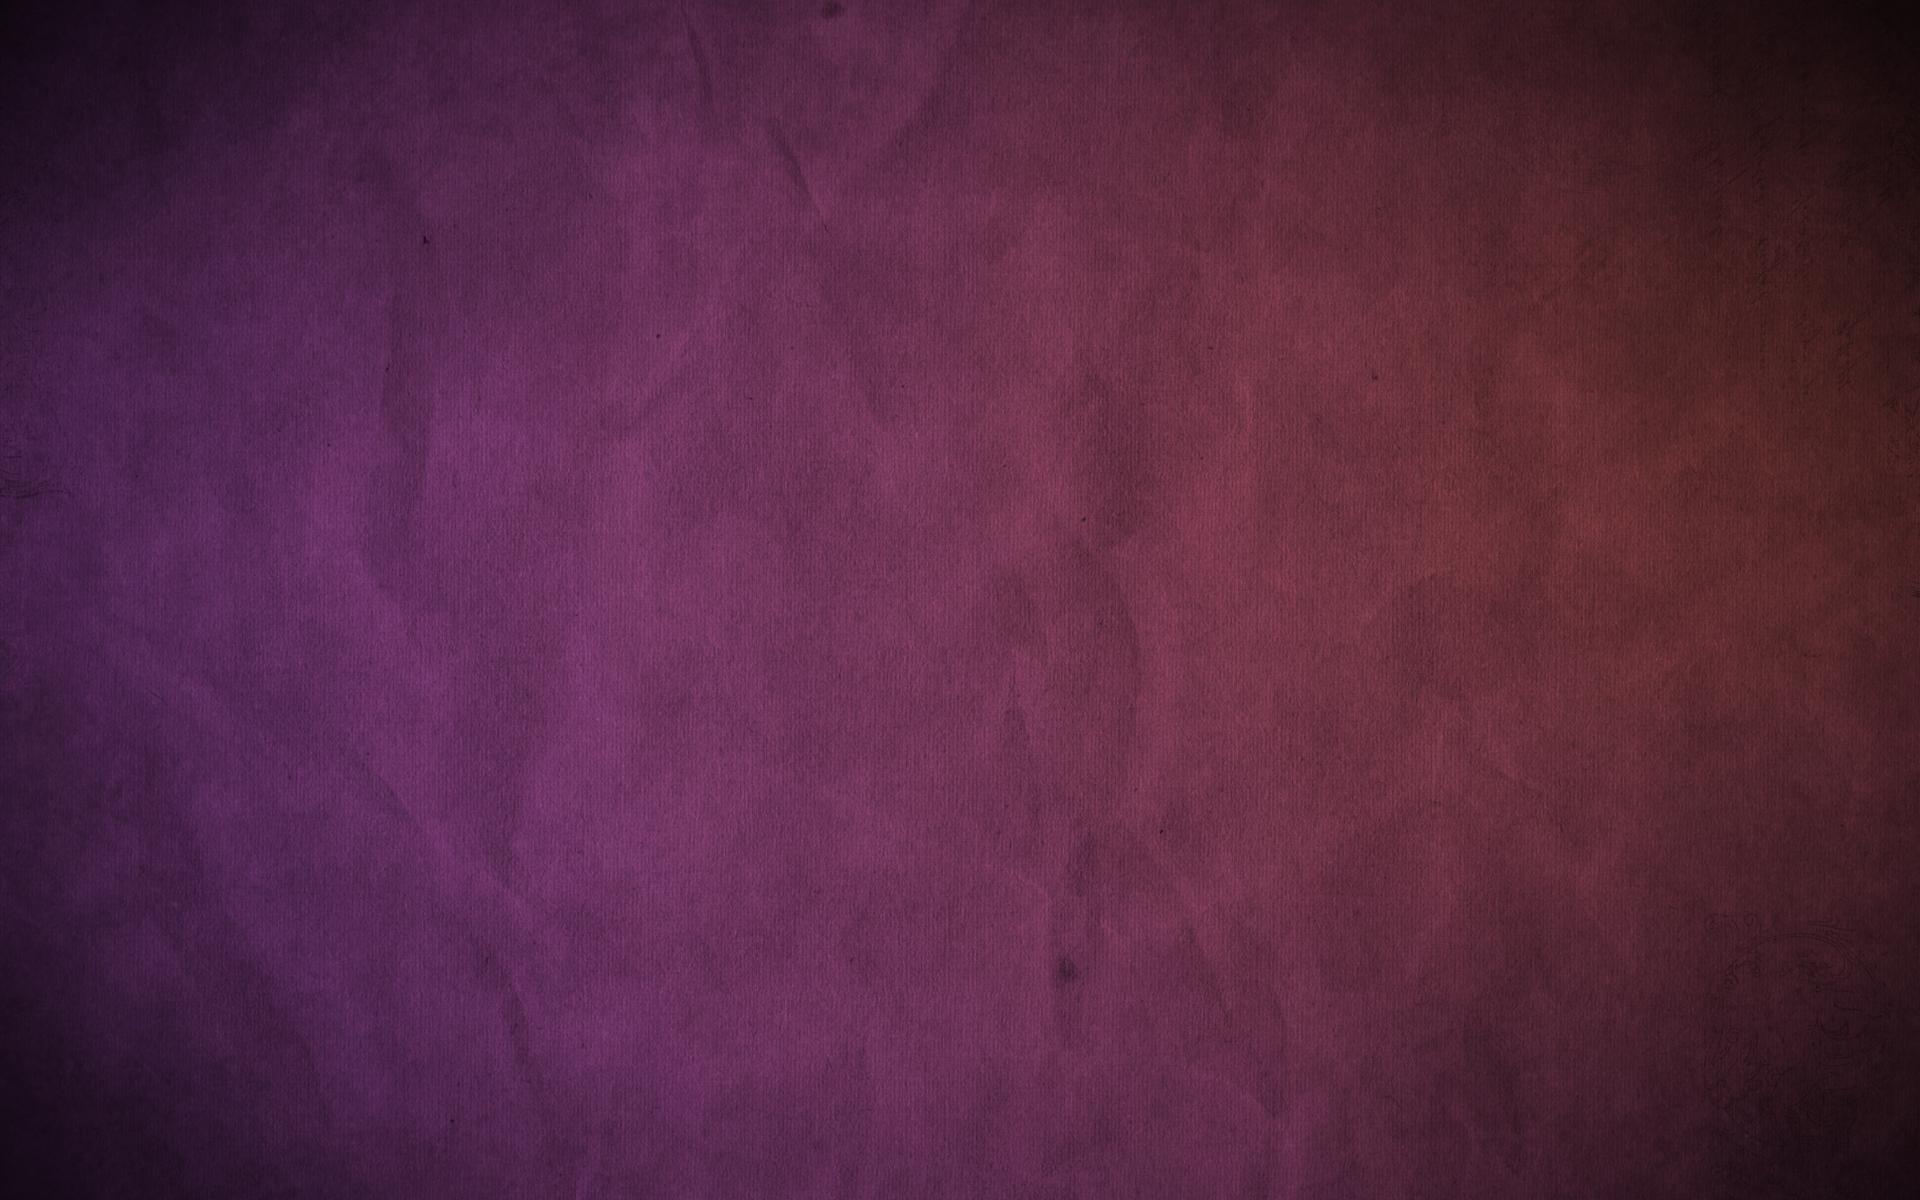 purple-paper-texture-15878